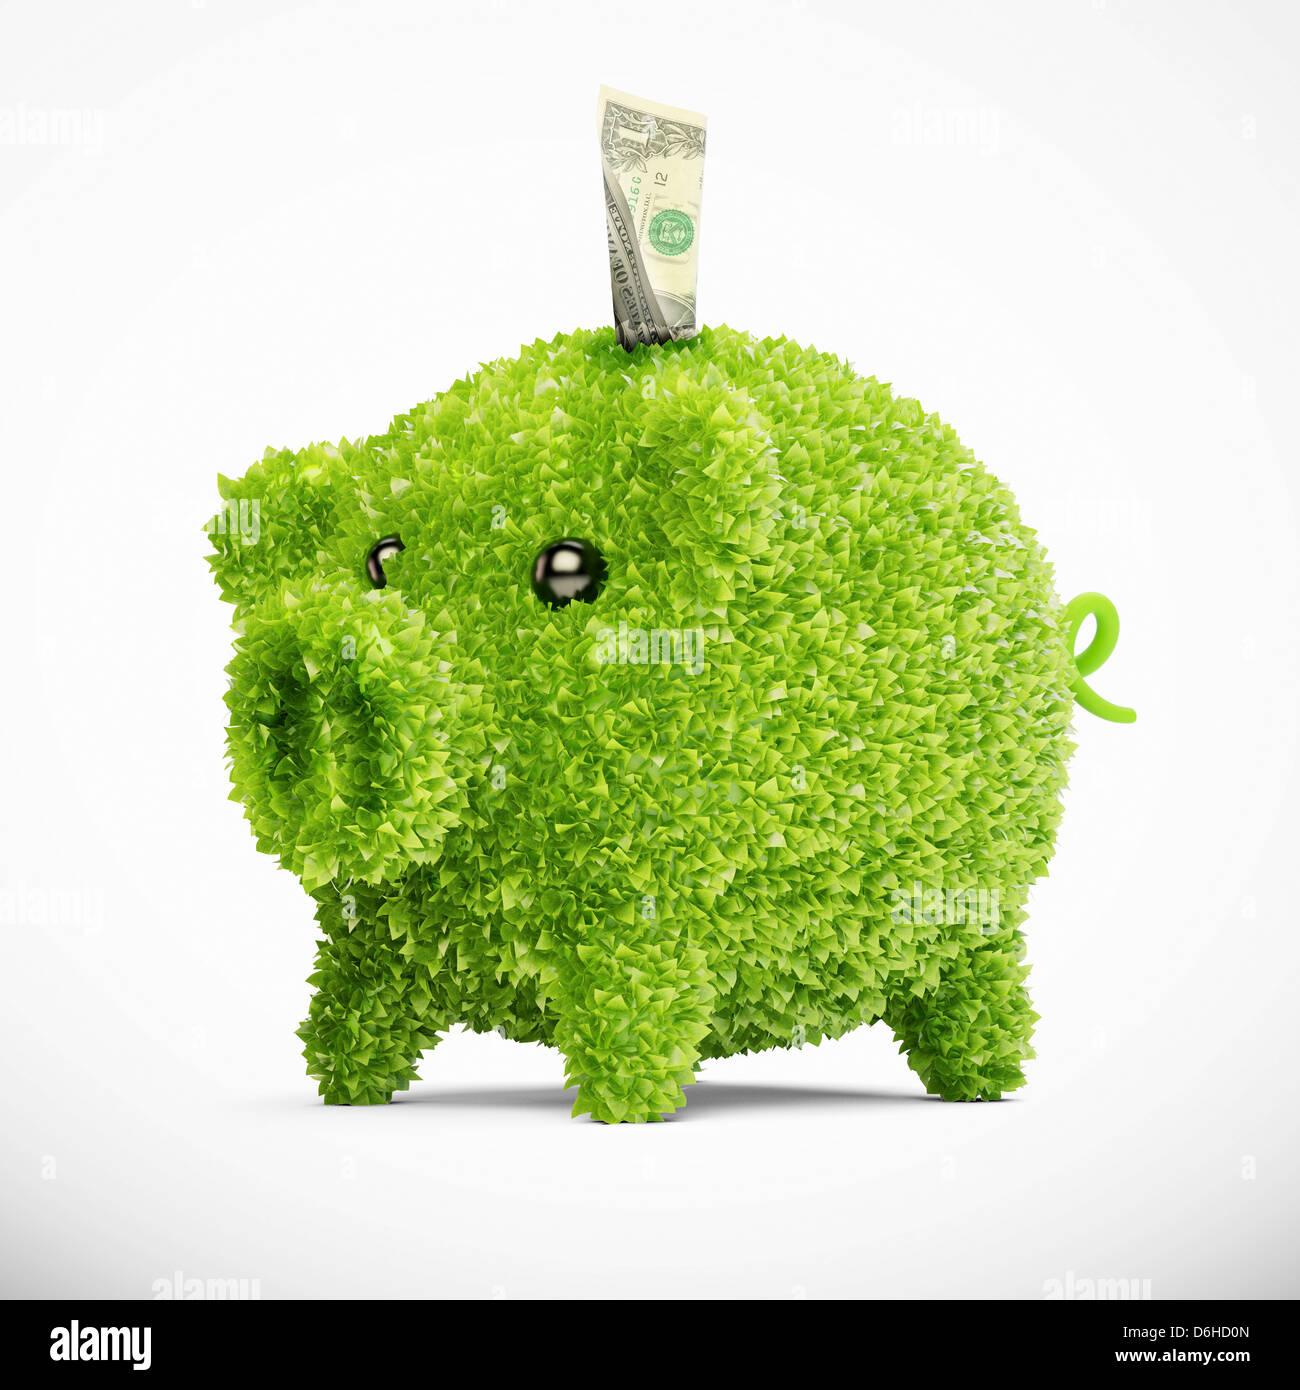 La inversión verde, obra conceptual Imagen De Stock